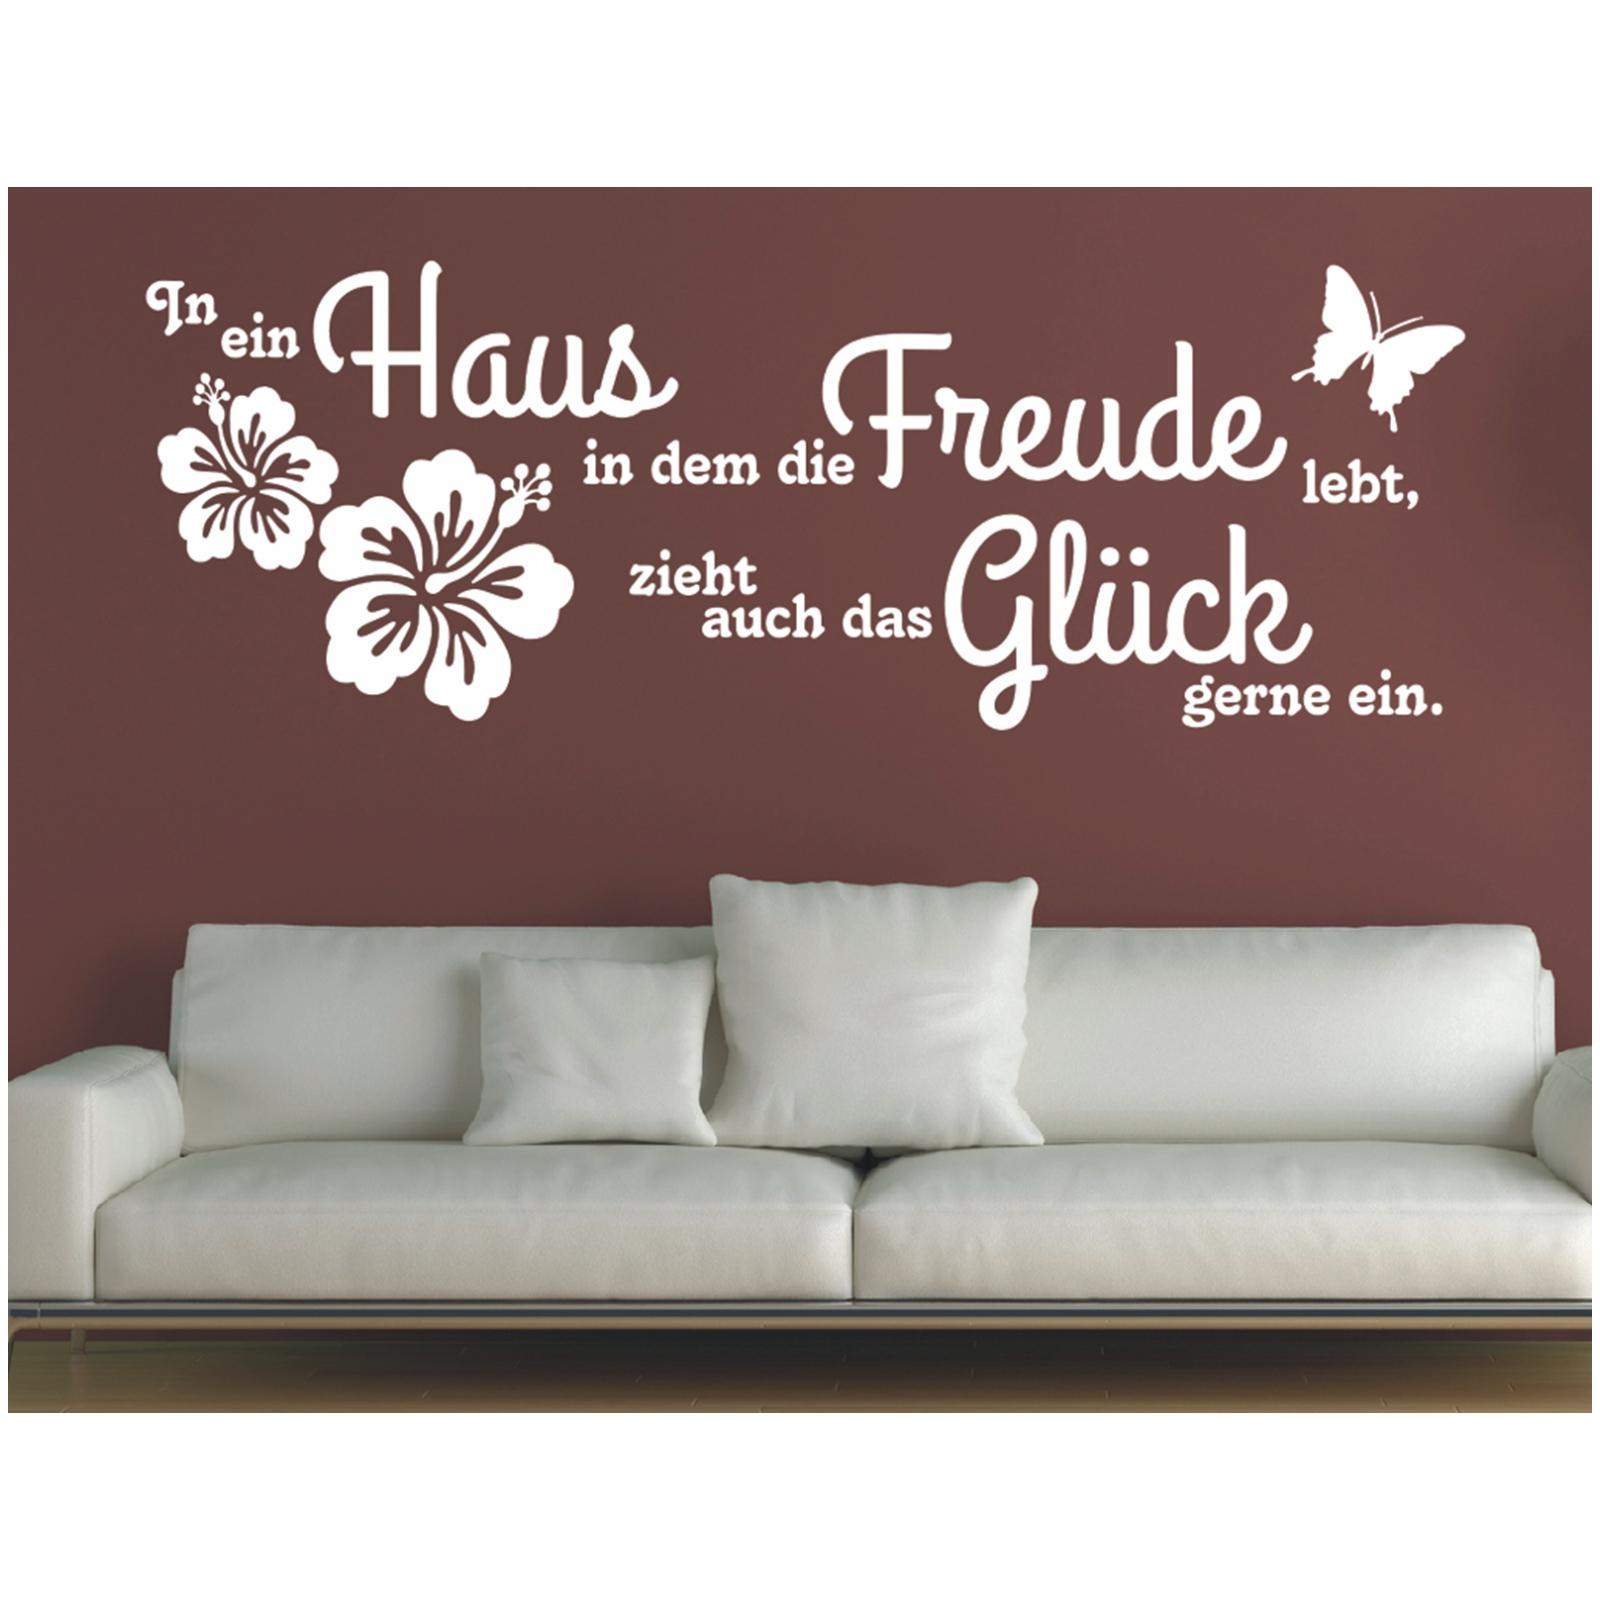 Wandtattoo-Spruch-In-ein-Haus-Glueck-Freude-Wandaufkleber-Aufkleber-Sticker Indexbild 3